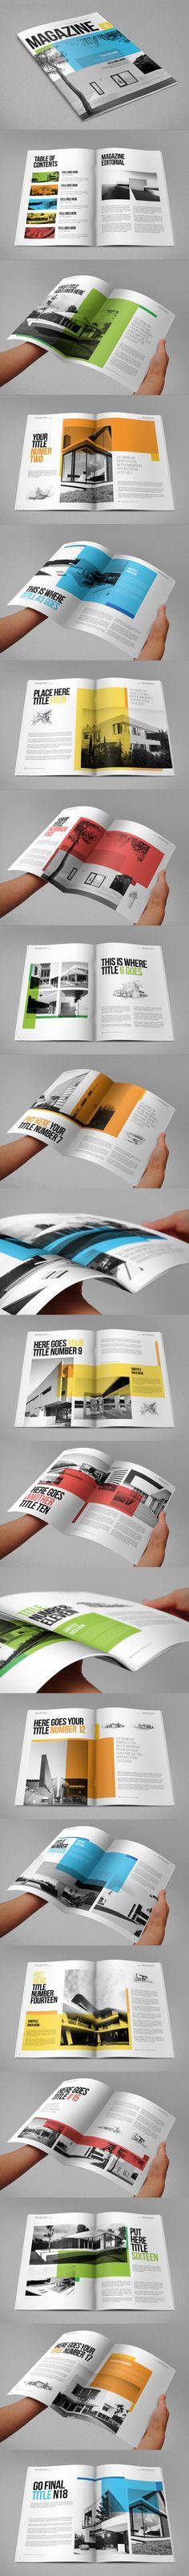 https://www.behance.net/gallery/19557369/Modern-Architecture-Magazine